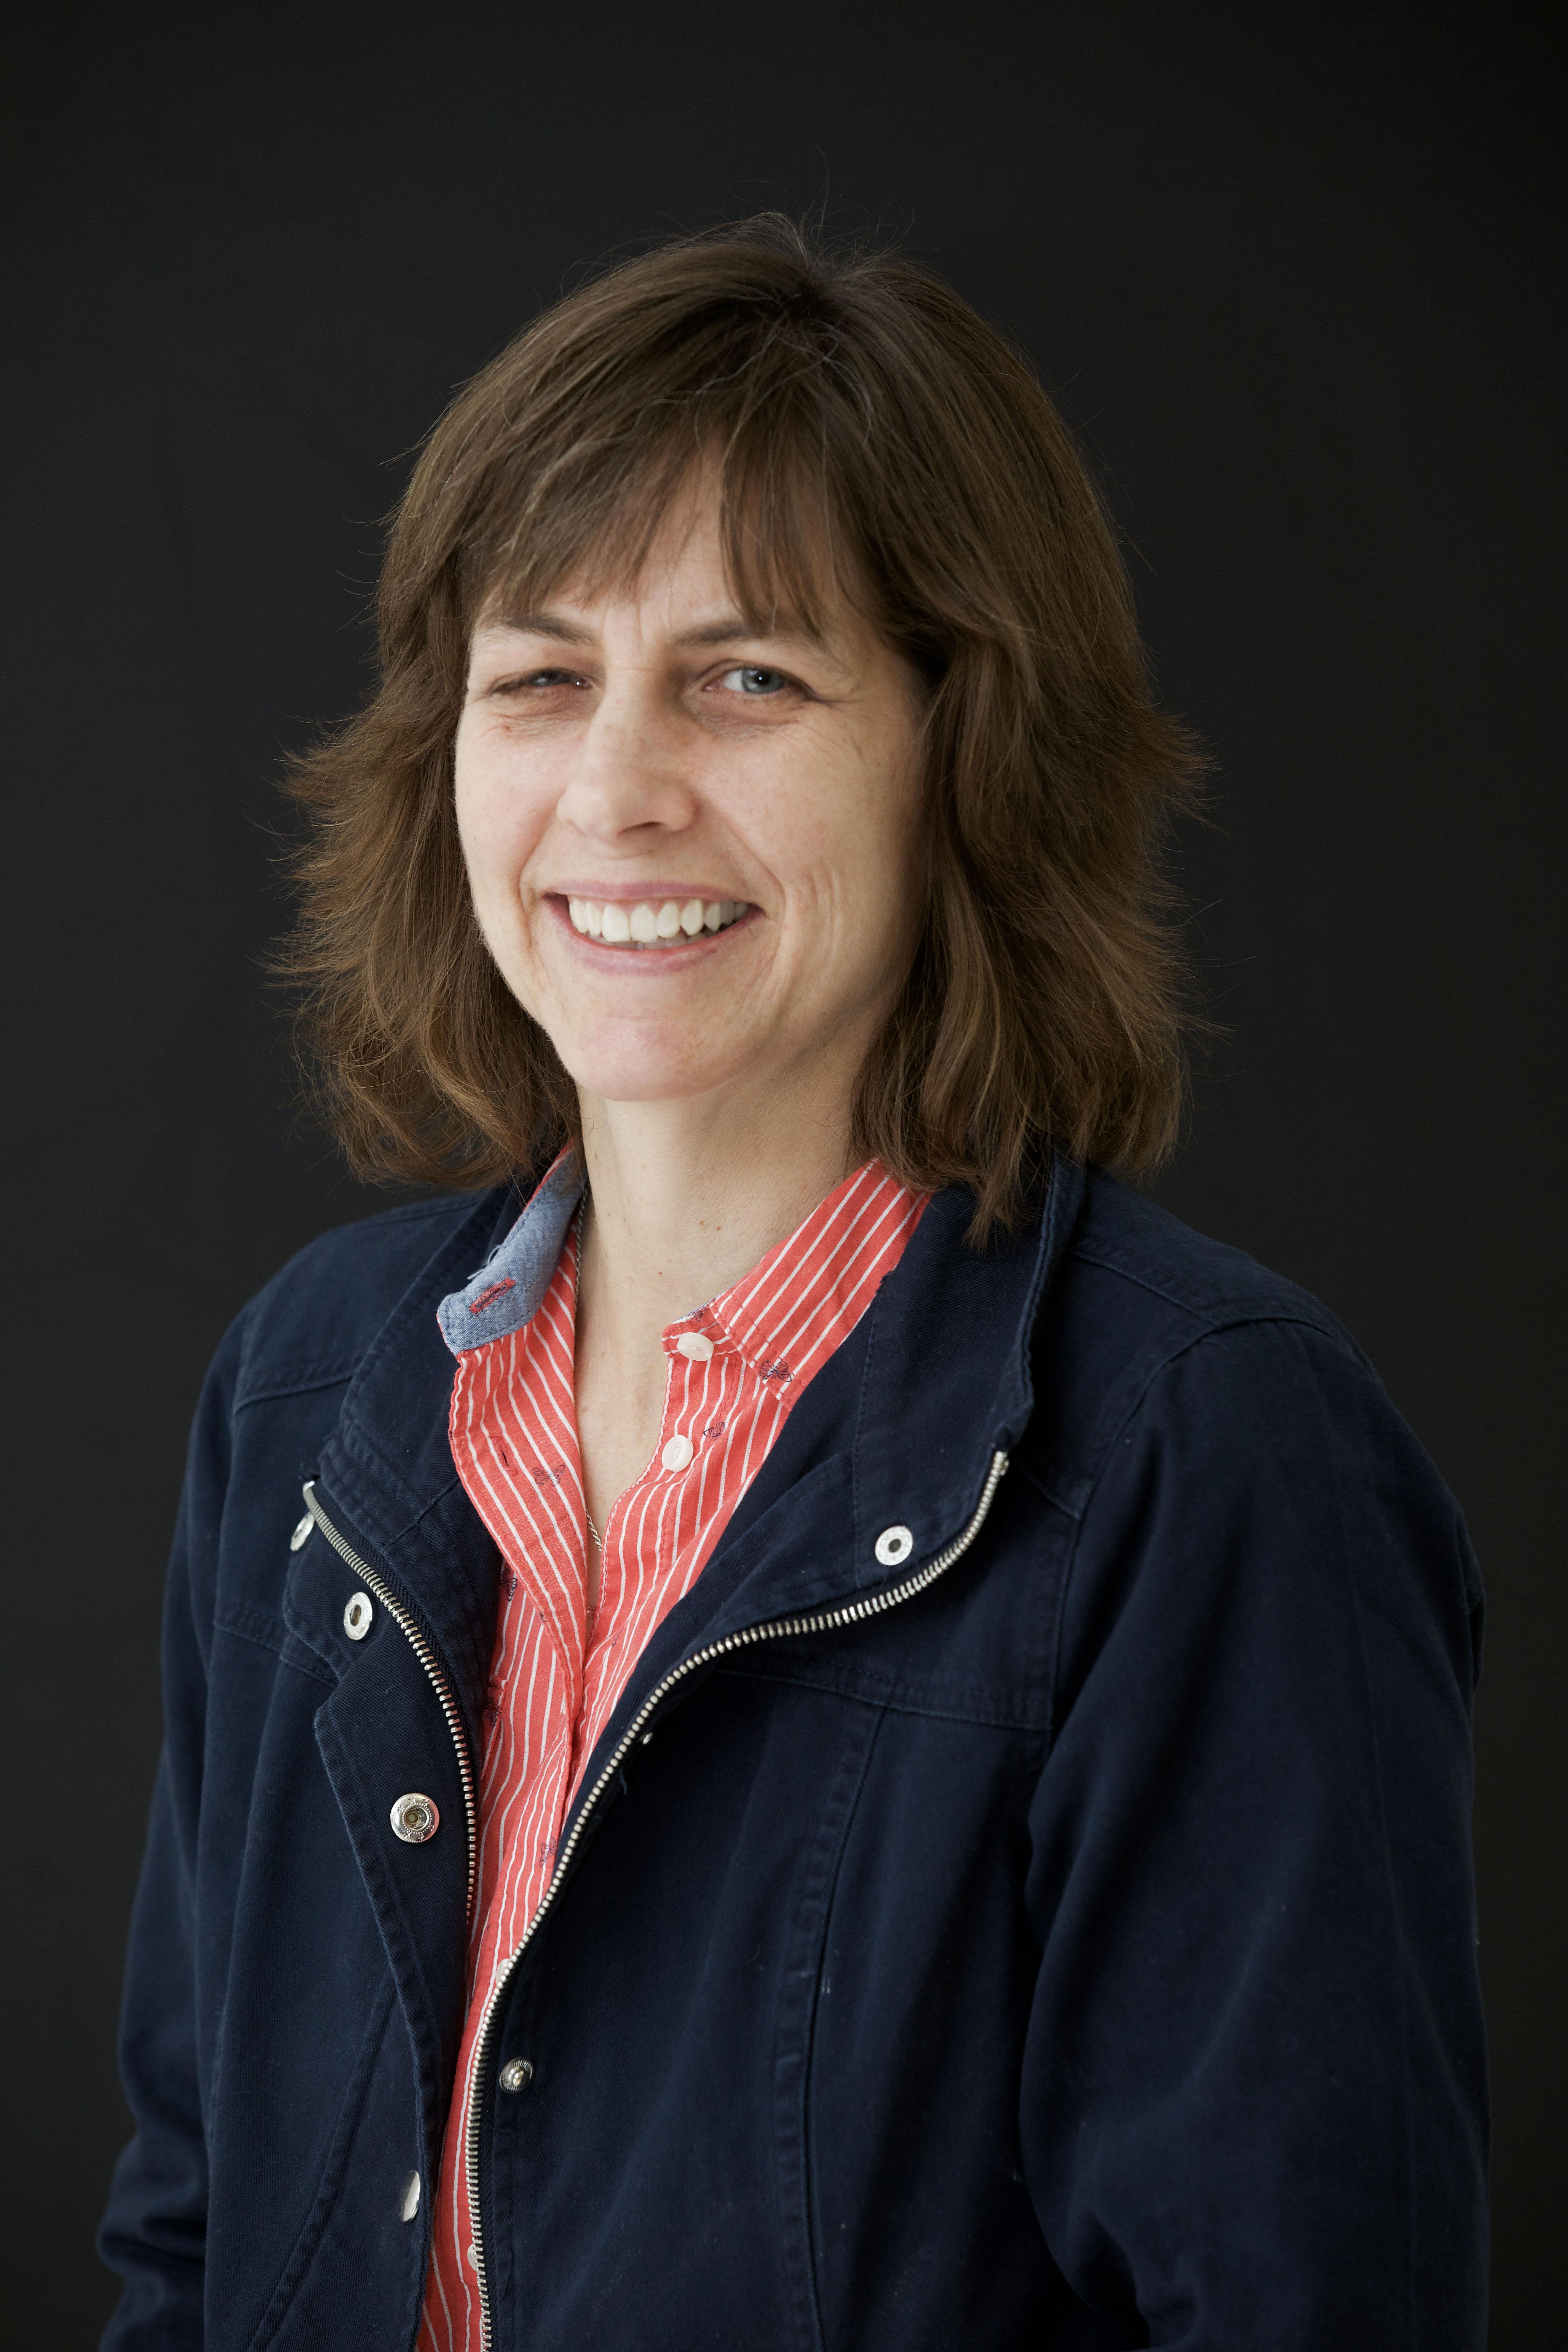 Mrs. Susan Prall